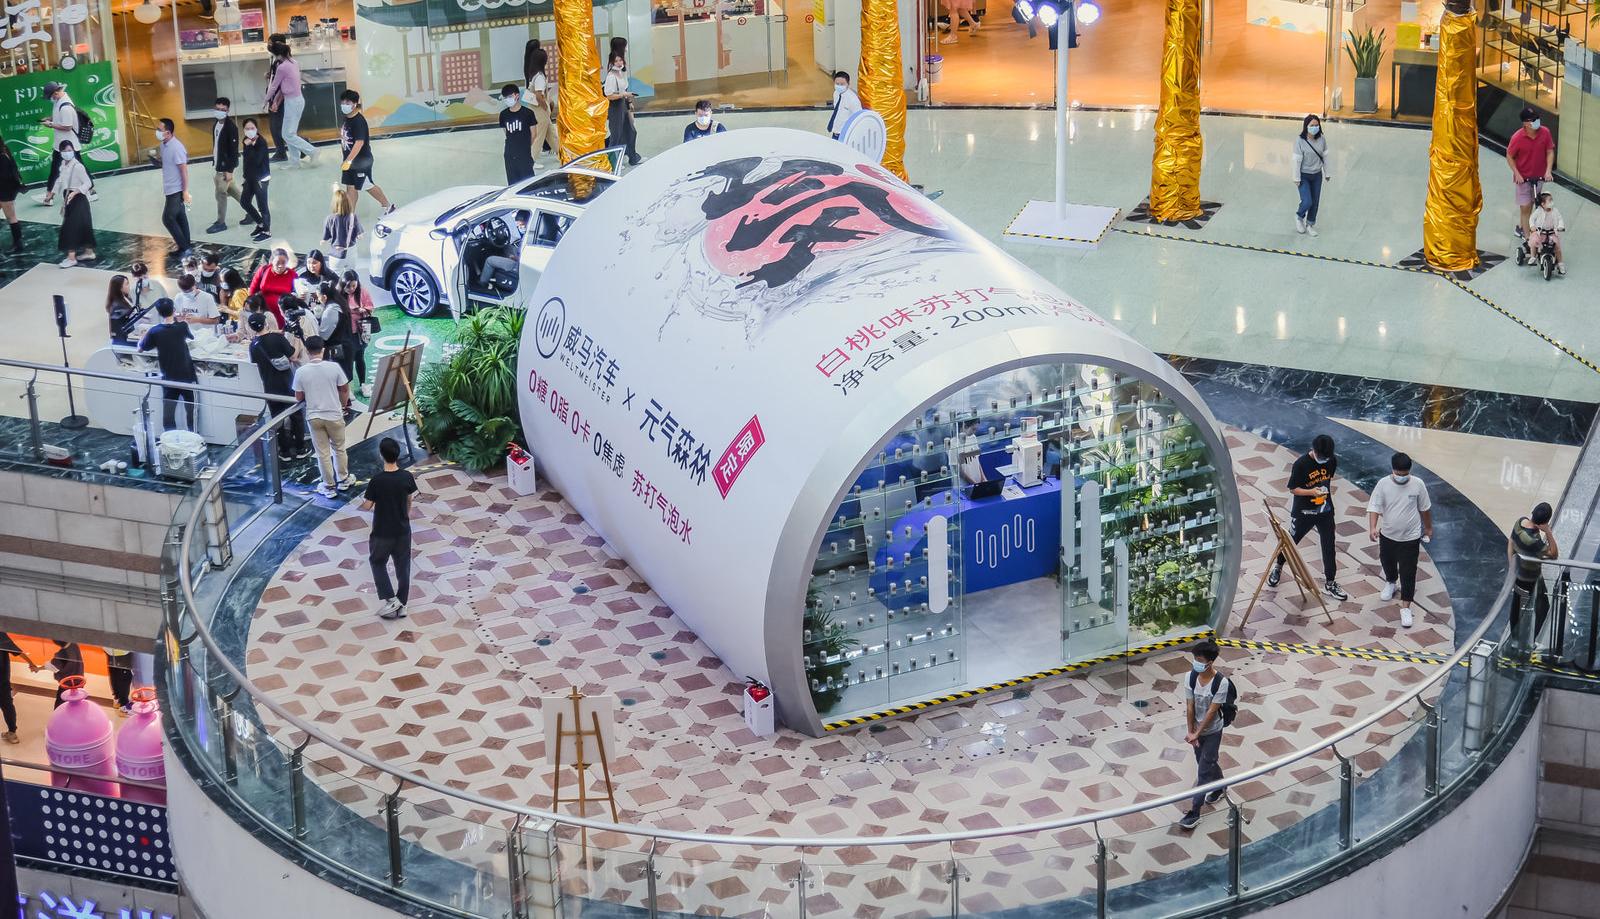 威马x元气森林跨界营销快闪活动策划完美演绎绿野仙踪